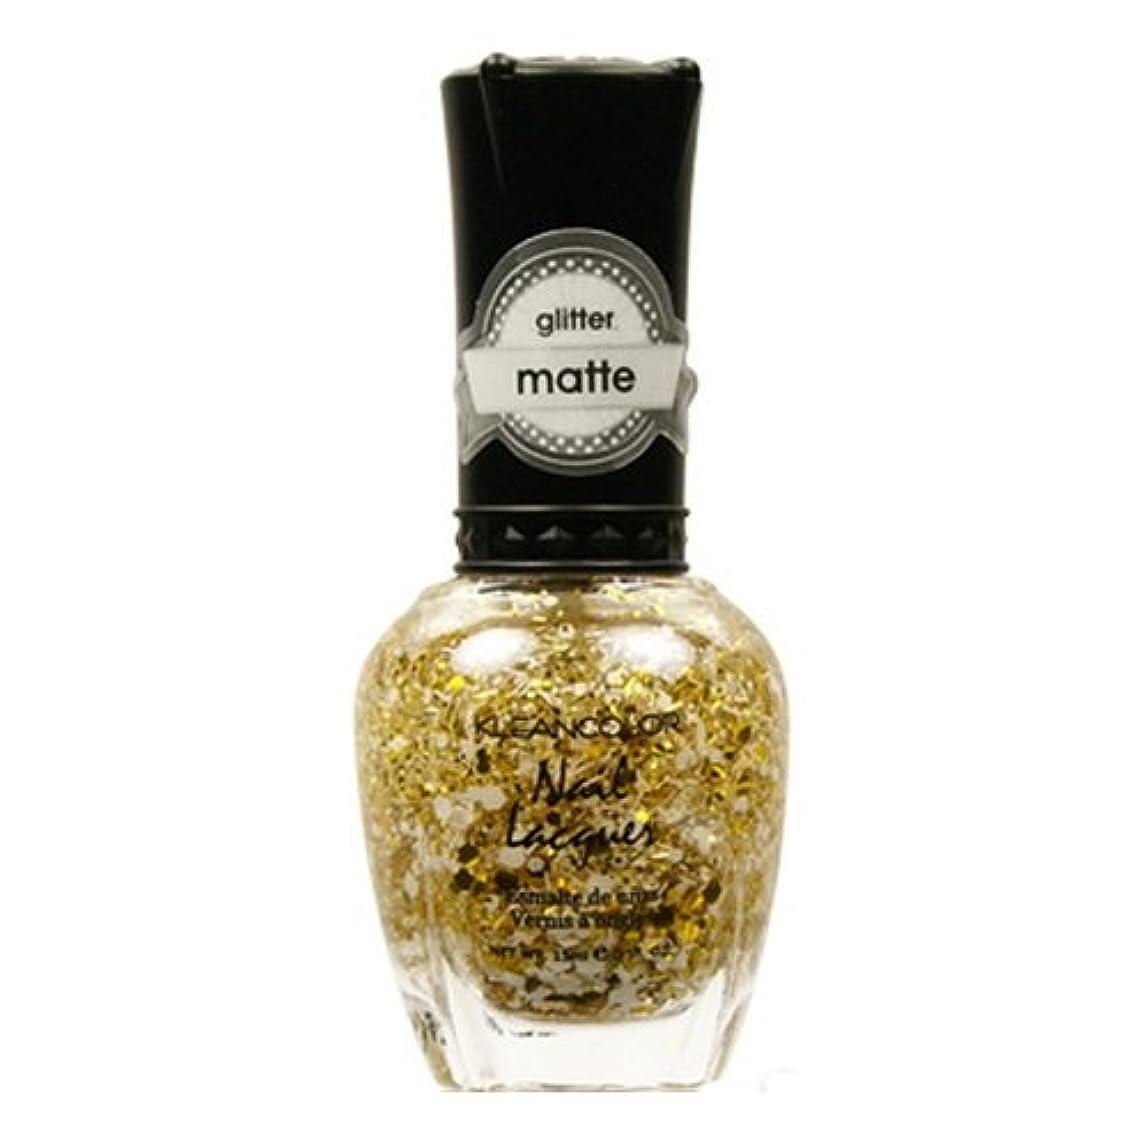 上流のトラブル称賛(6 Pack) KLEANCOLOR Glitter Matte Nail Lacquer - Everyday is My Birthday (並行輸入品)